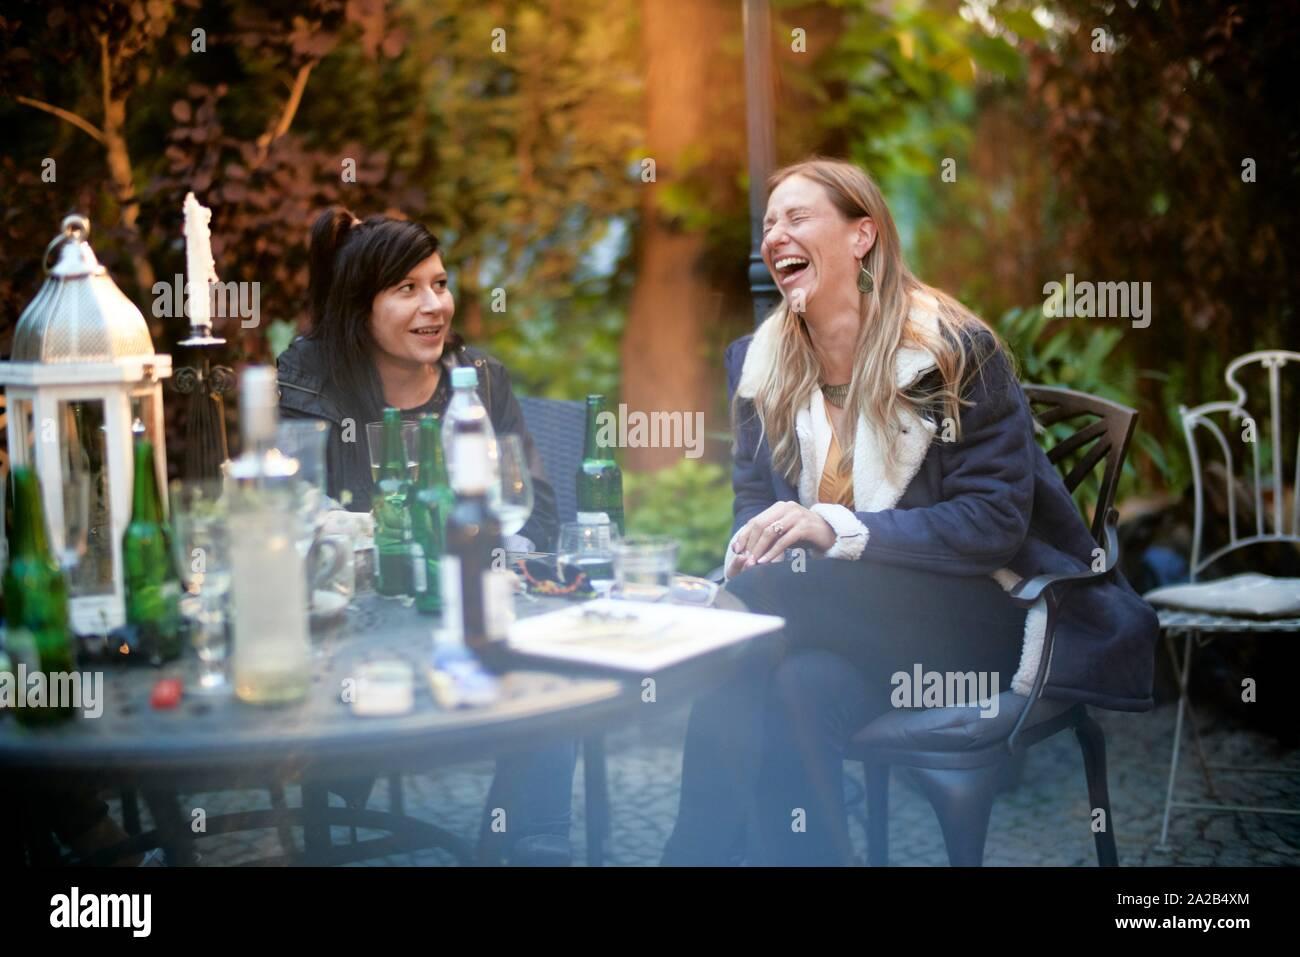 Mujer de mediana edad feliz riéndose de fiesta en el jardín con un amigo Foto de stock